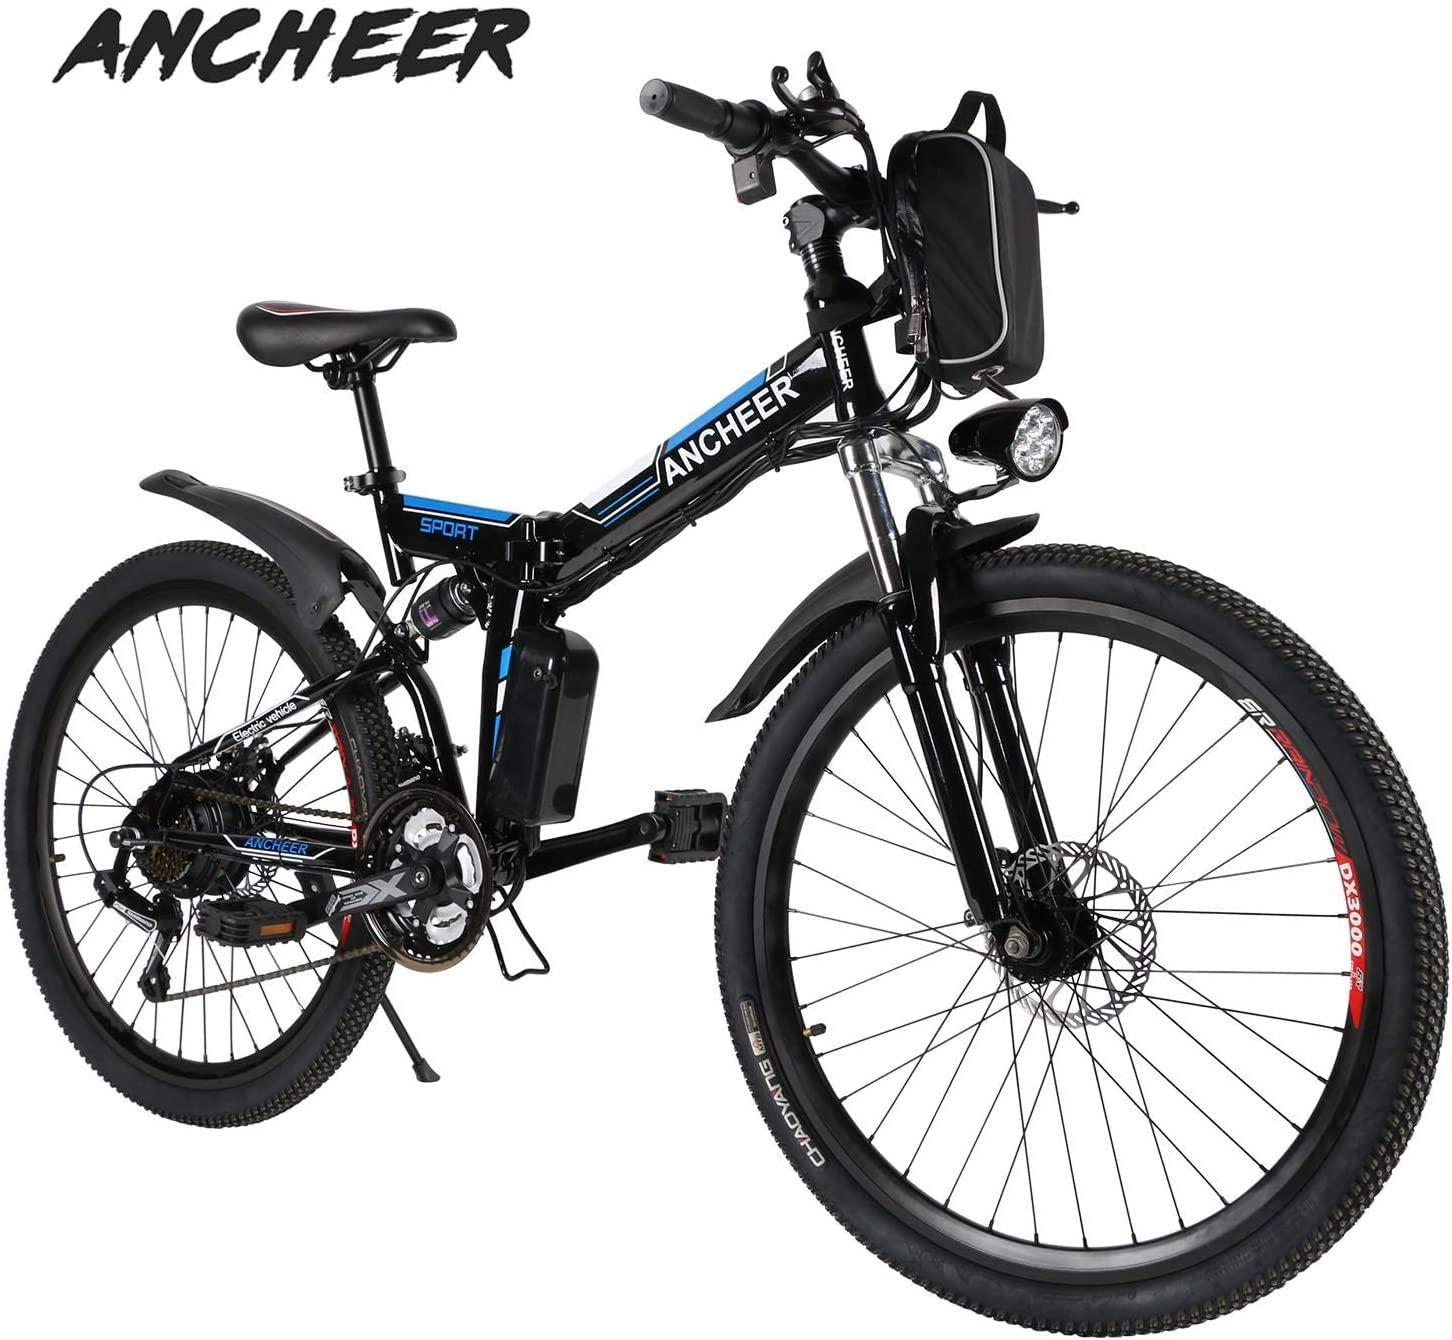 bicicleta electrica ancheer folding